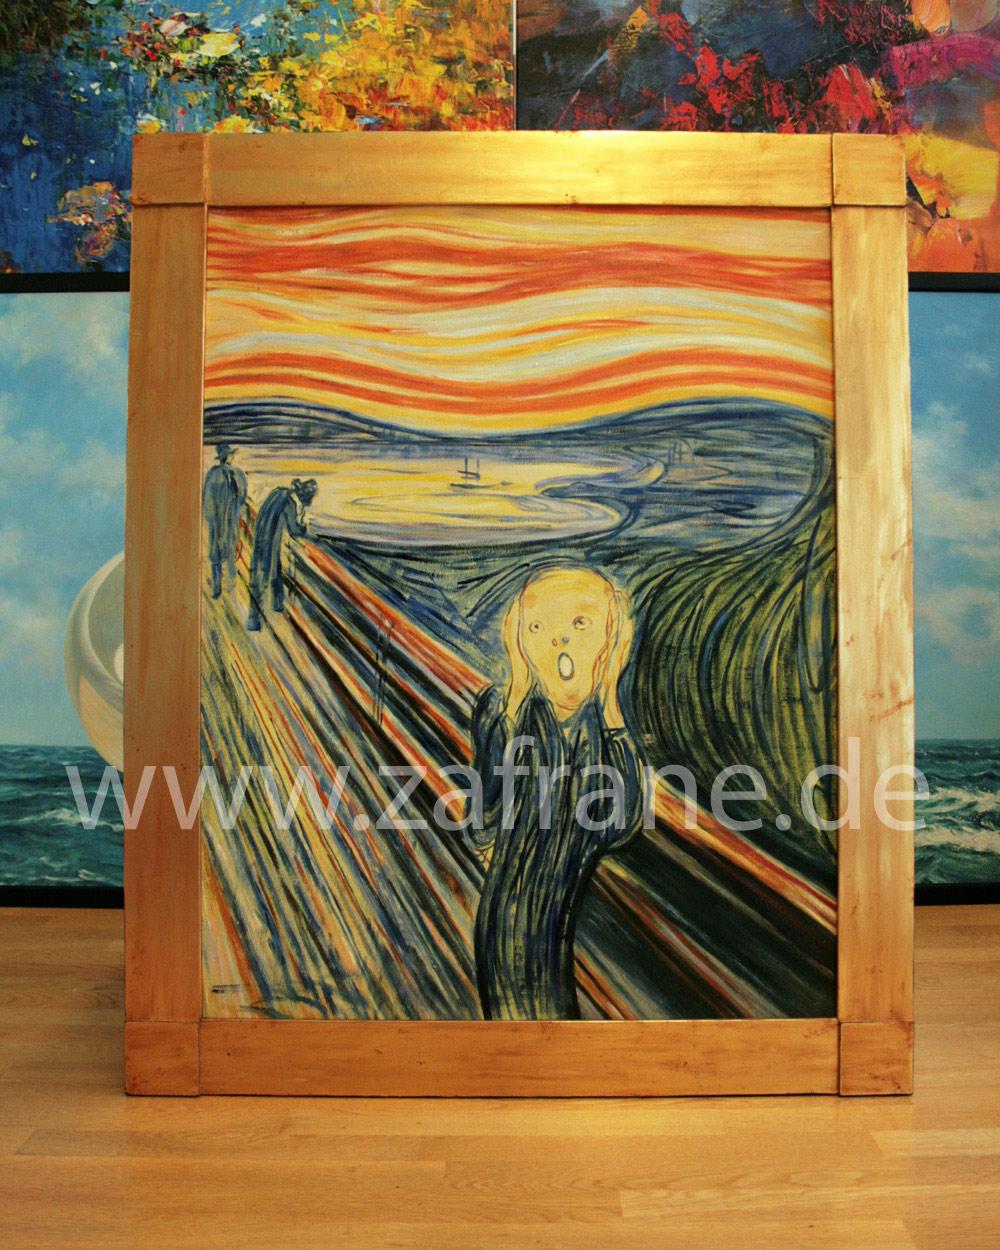 Gemaeldekopie nach Edvard Munch, Der Schrei